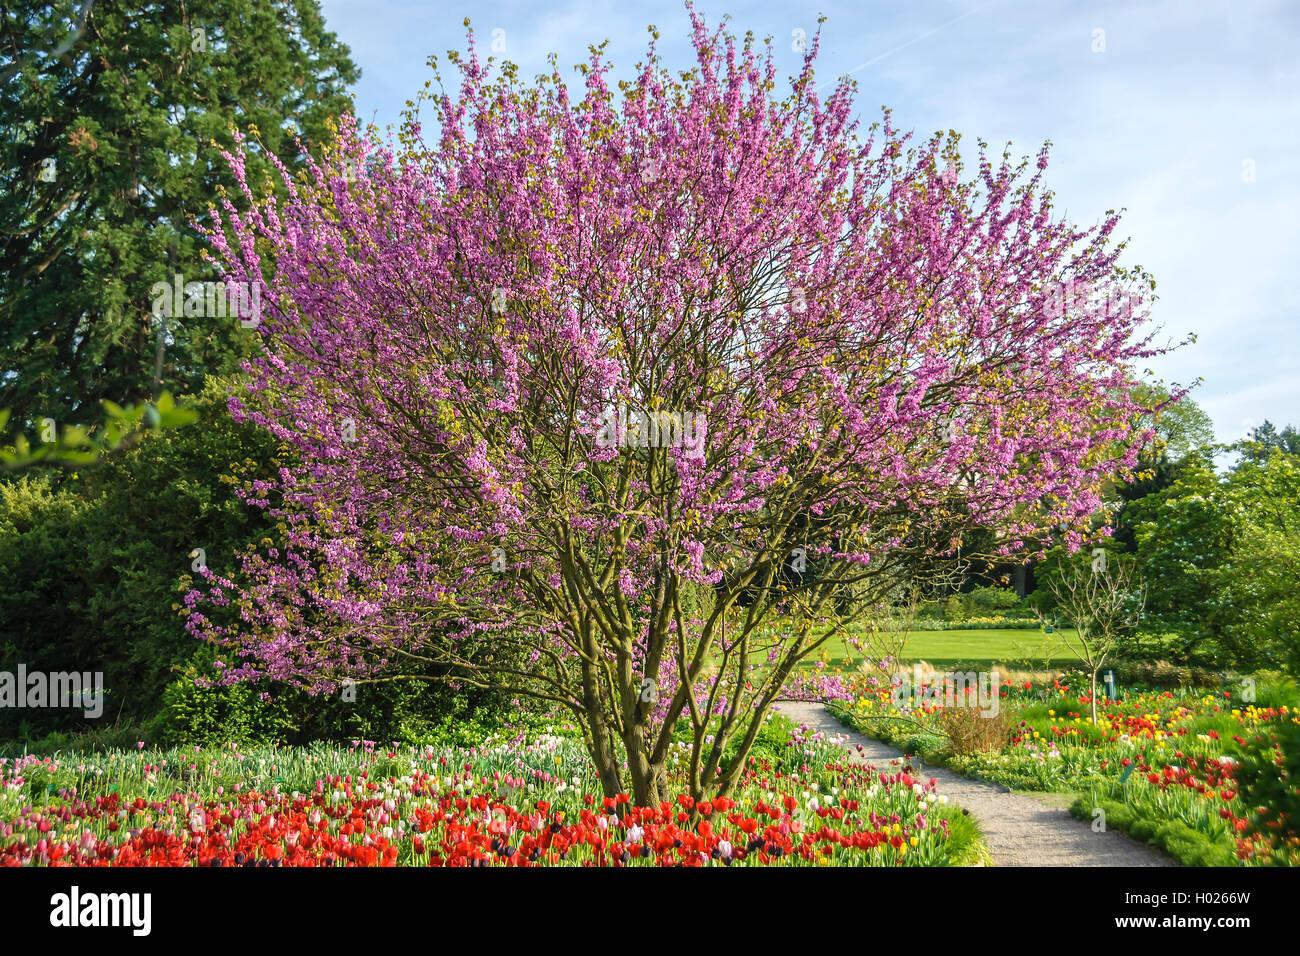 judasbaum gewoehnlicher judasbaum cercis siliquastrum bluehender baum mit tulpenbeet. Black Bedroom Furniture Sets. Home Design Ideas